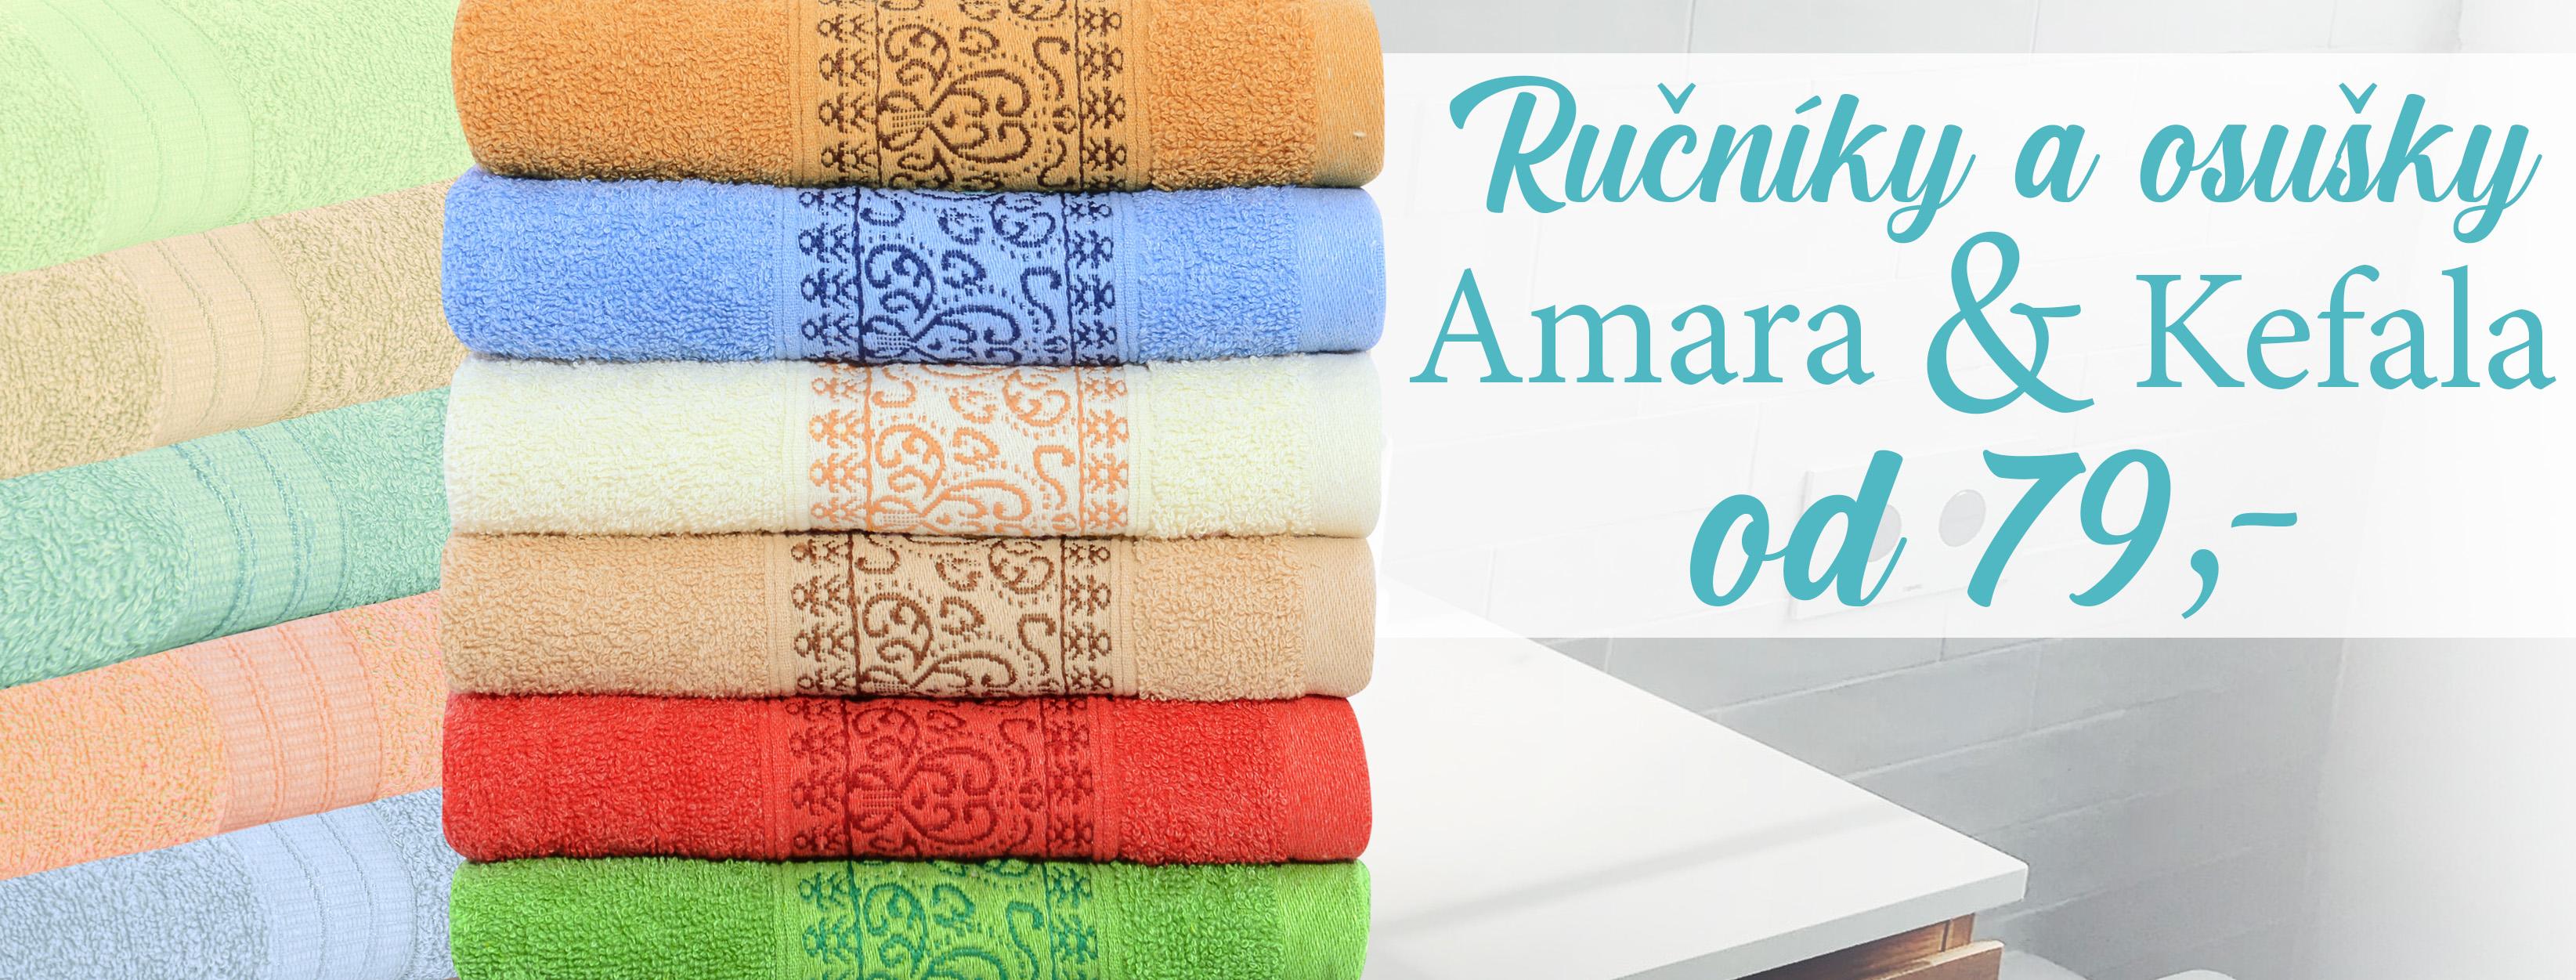 Kefala Amara ručníky osušky